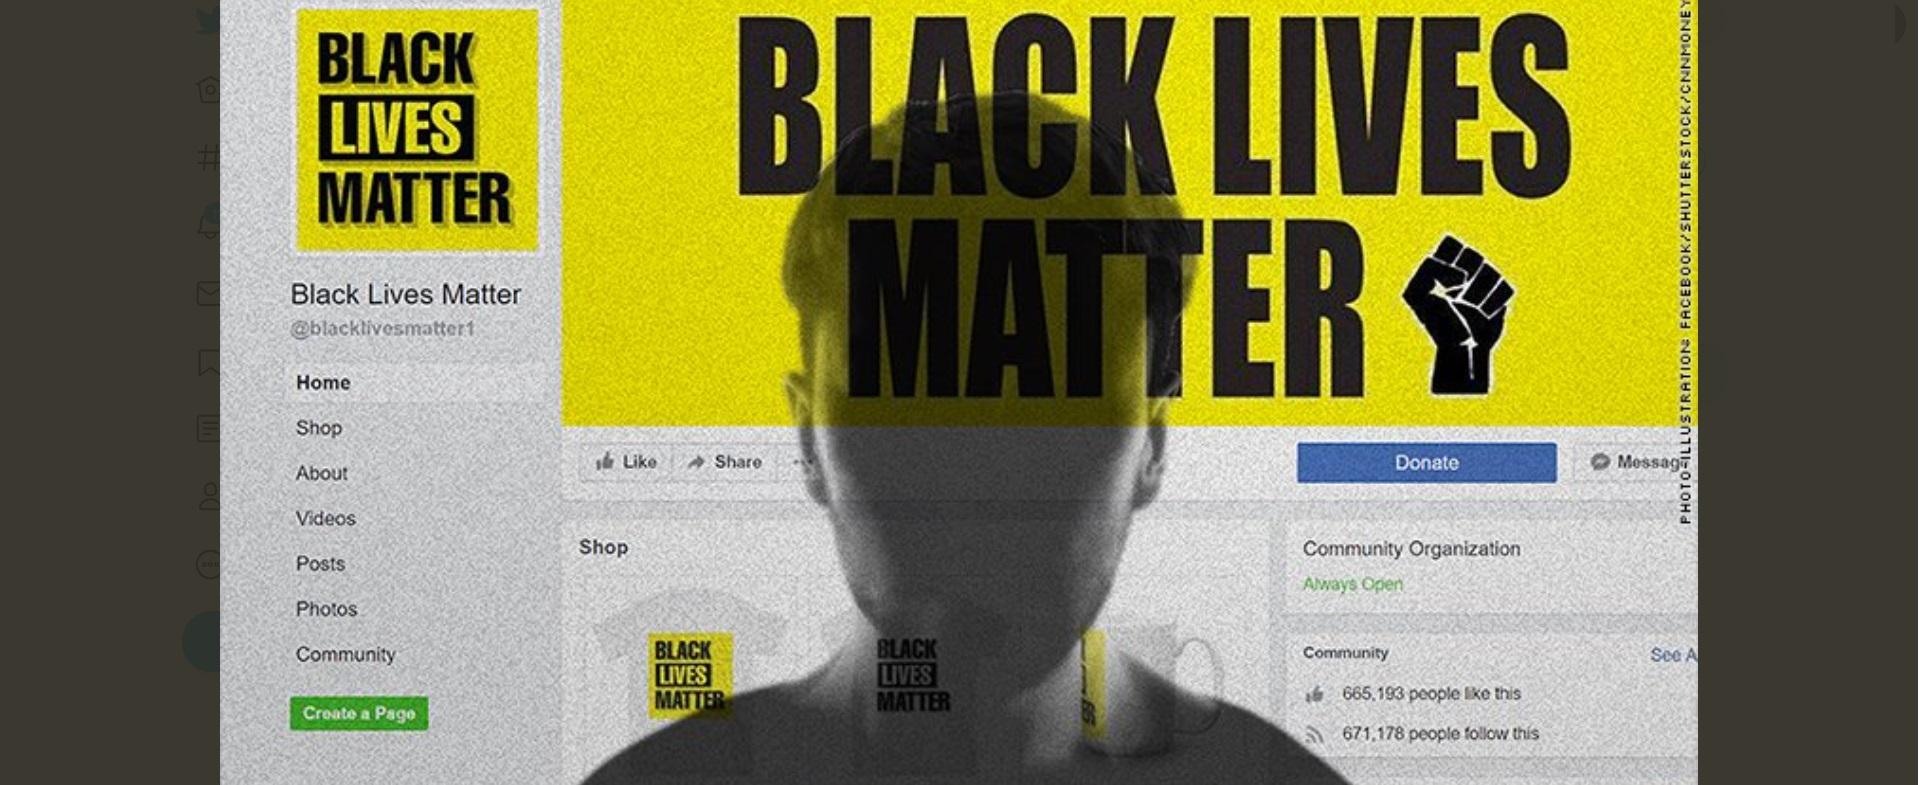 Black Lives Matter Scam  Fake Facebook Page and Websites